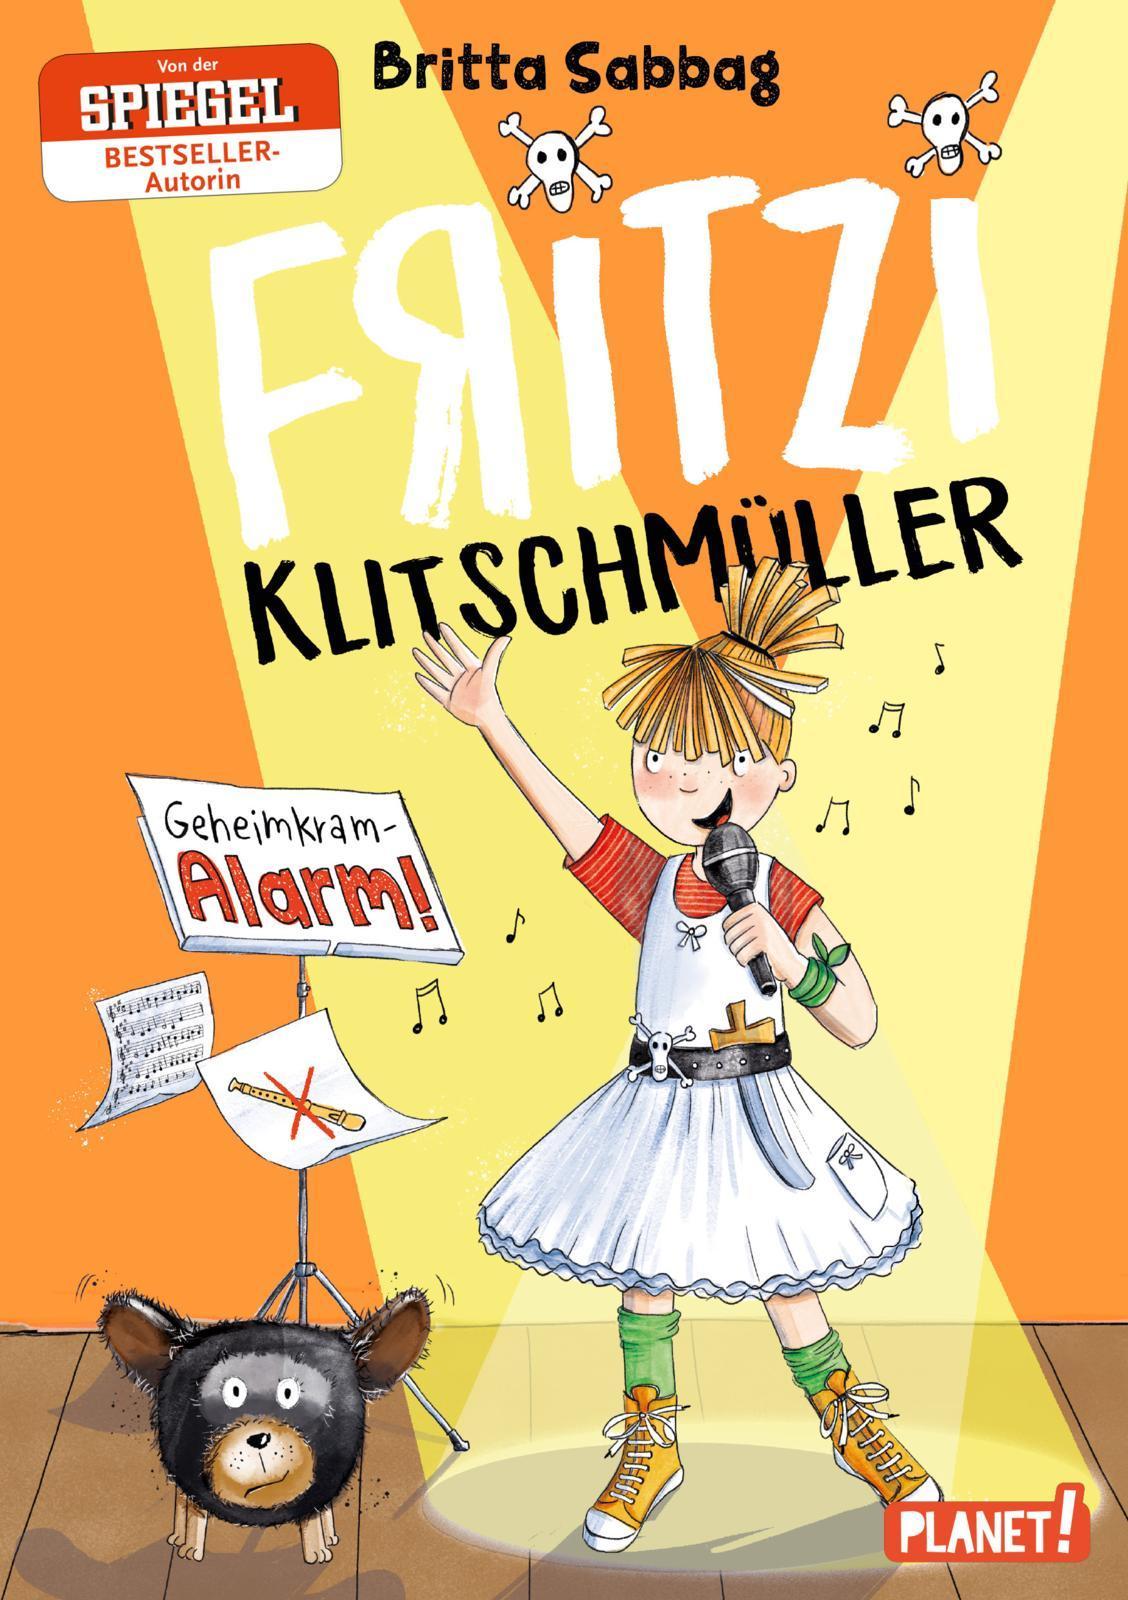 Fritzi Klitschmüller - Geheimkram-Alarm! Britta Sabbag 9783522505604